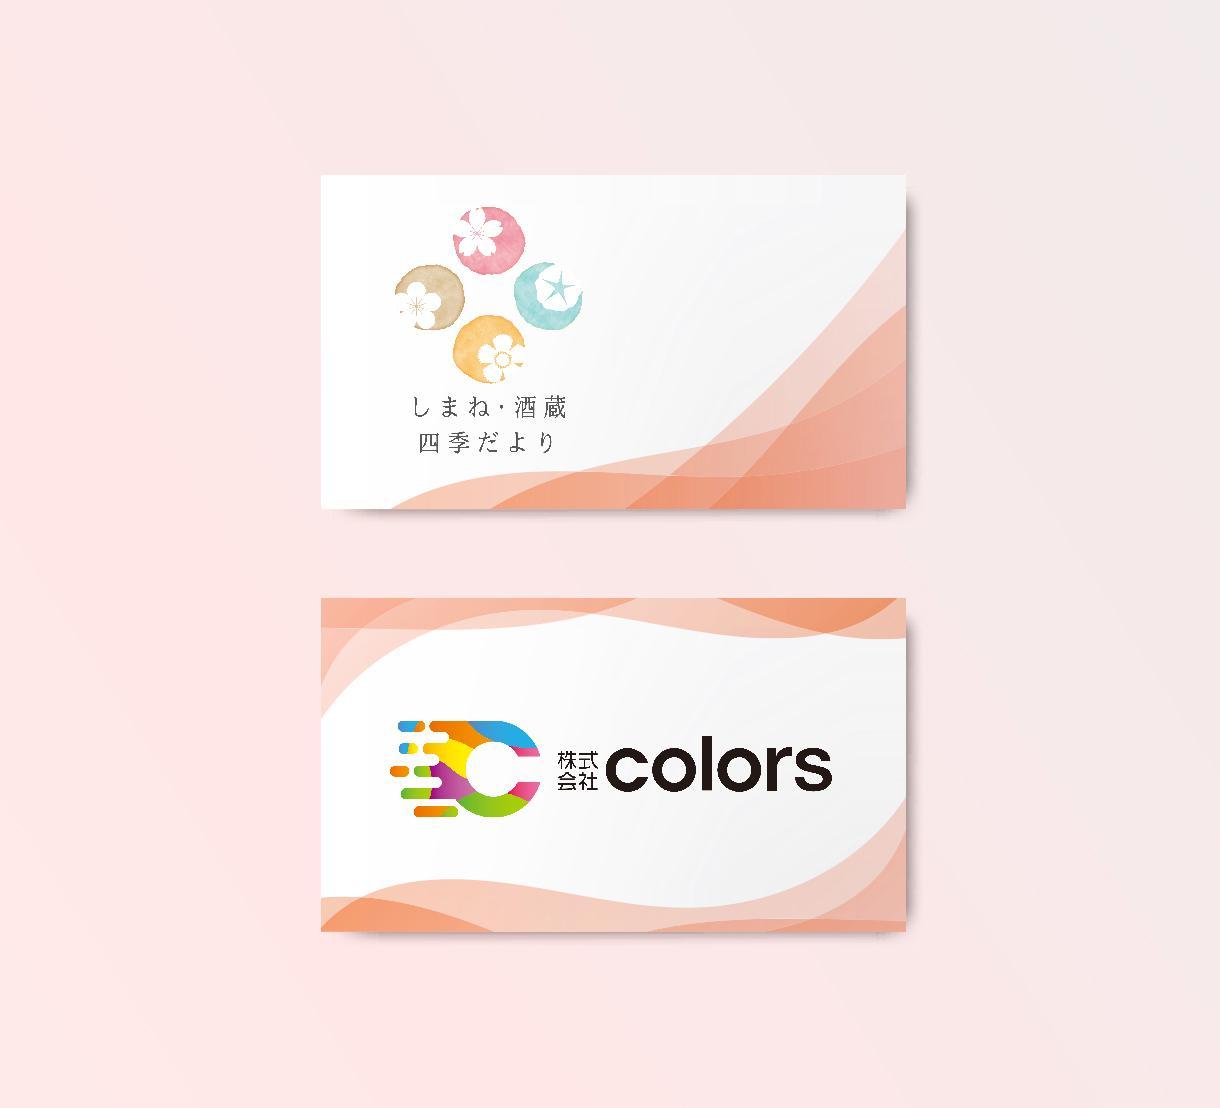 複数のデザイナーが10案以上ロゴデザインします 様々な方向性でデザインにアプローチ!